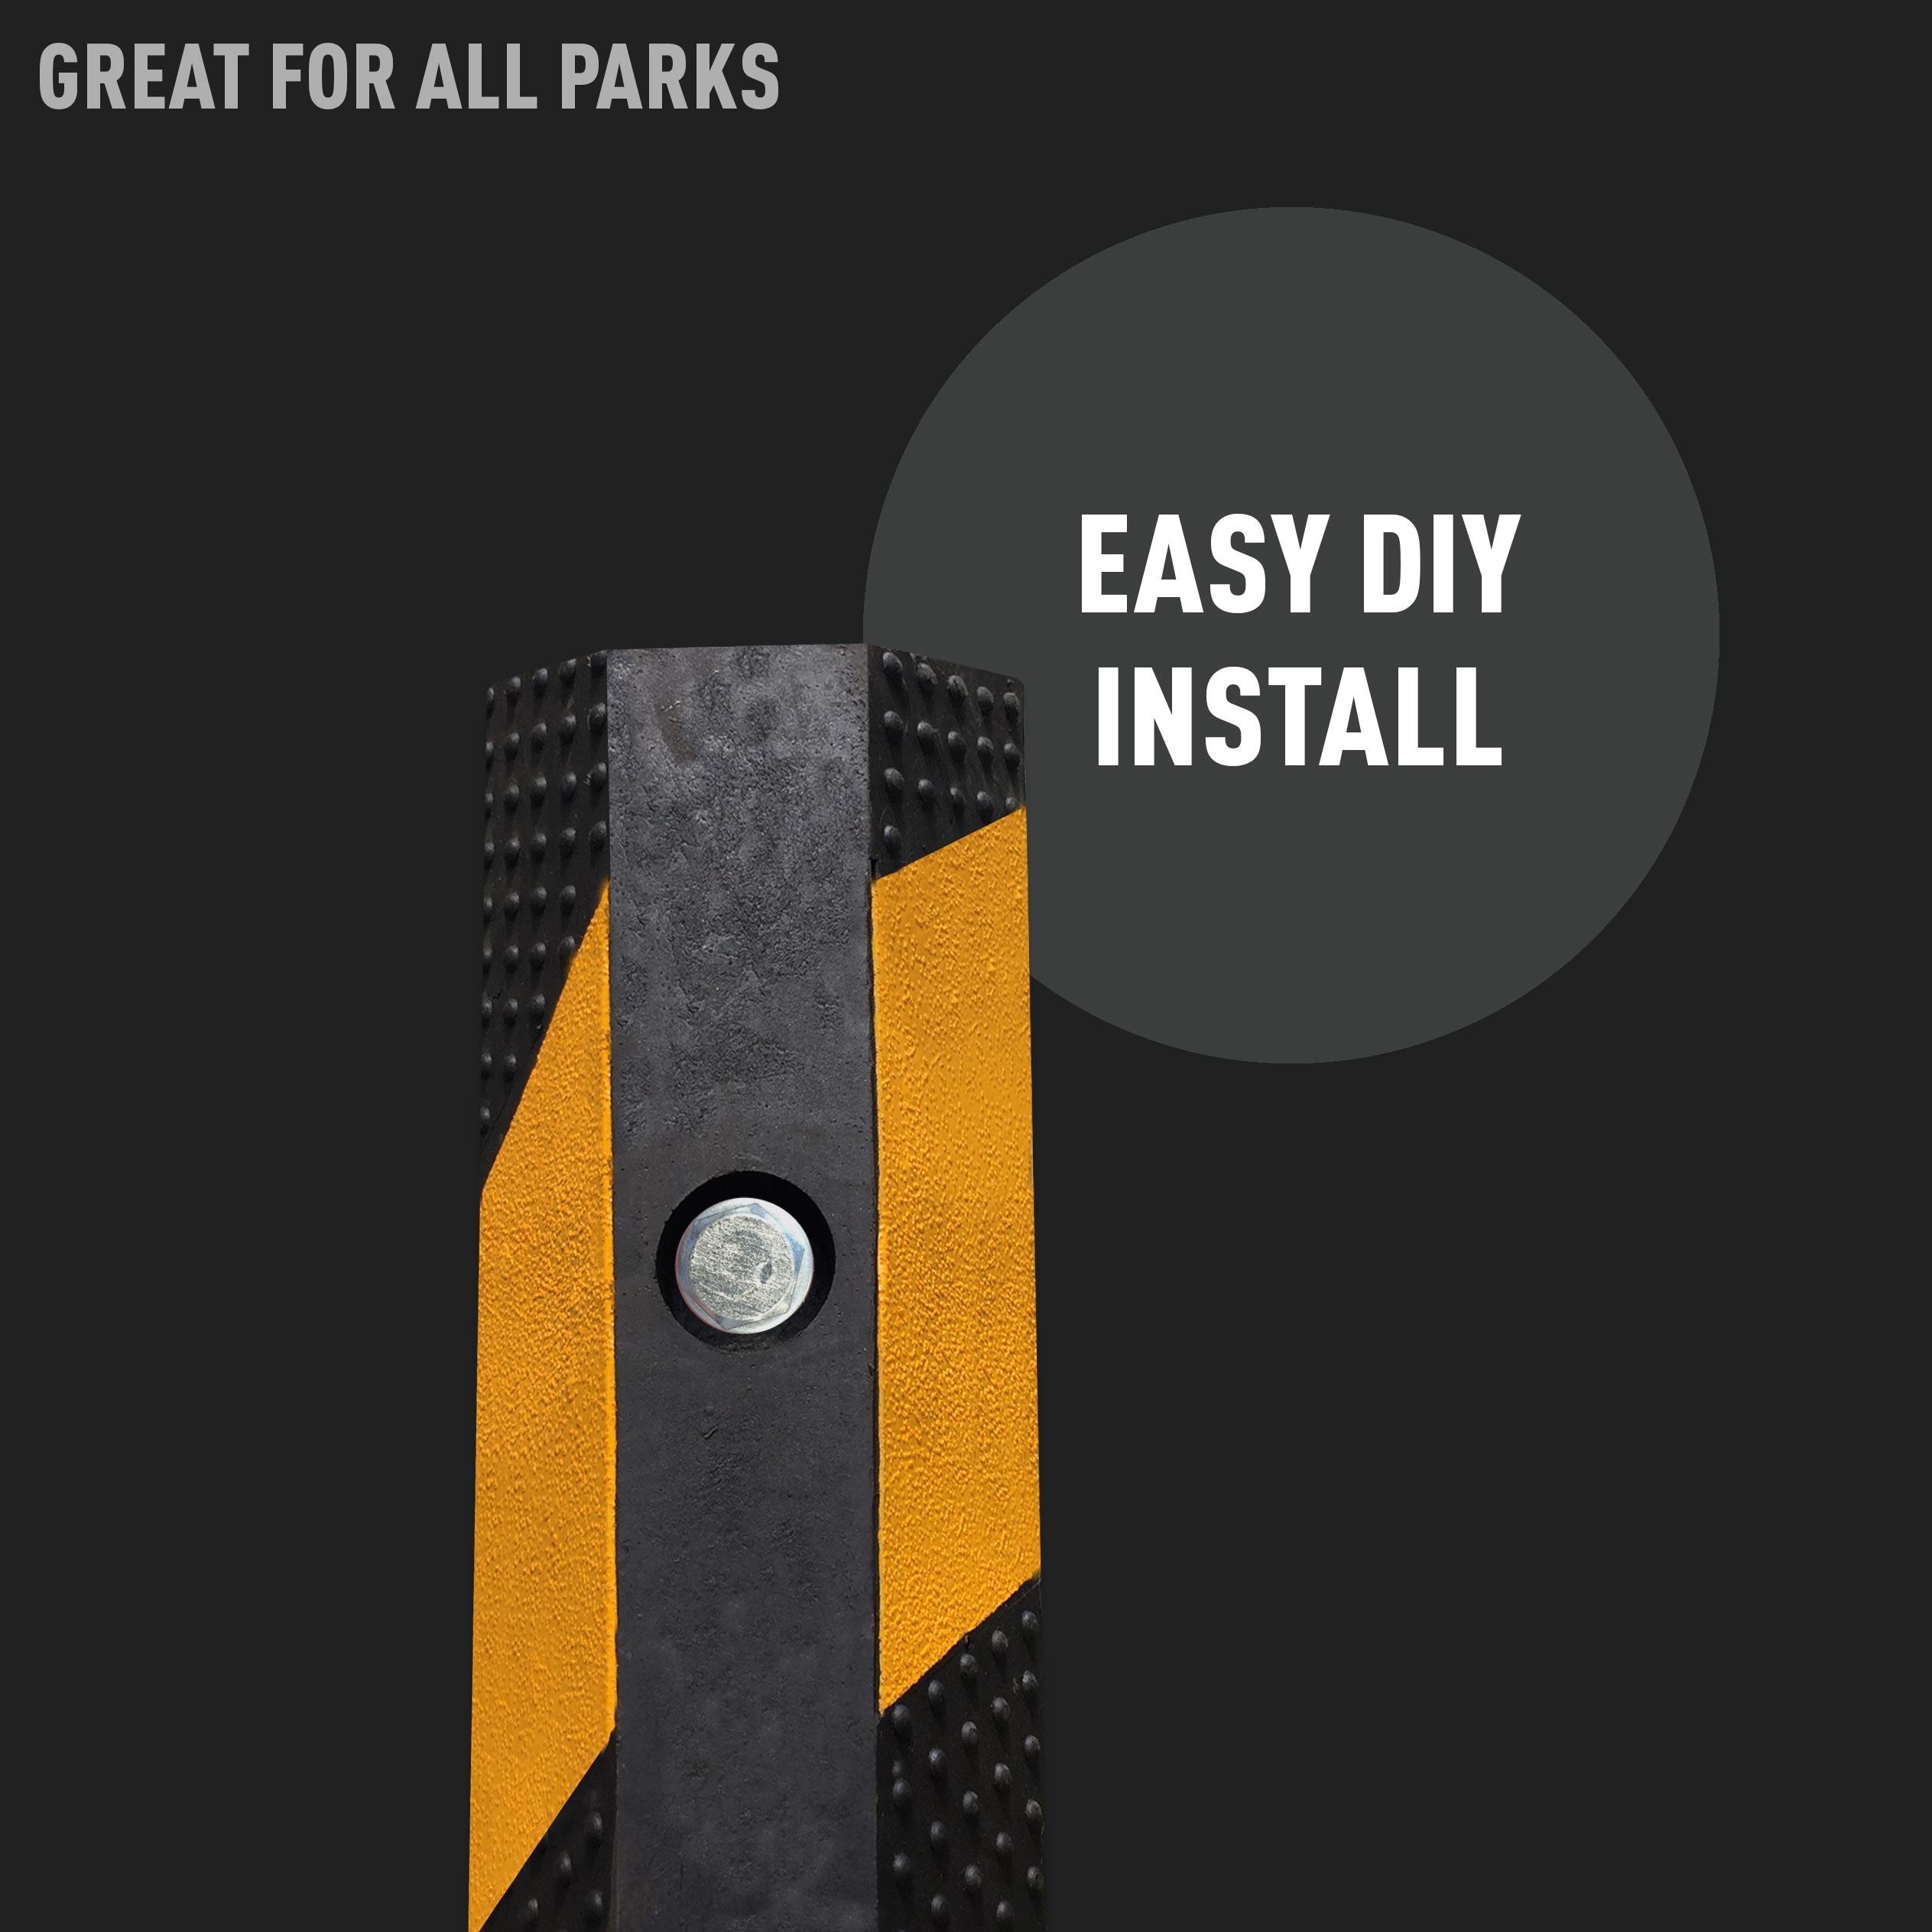 Black Wheel Stops - Easy DIY Install